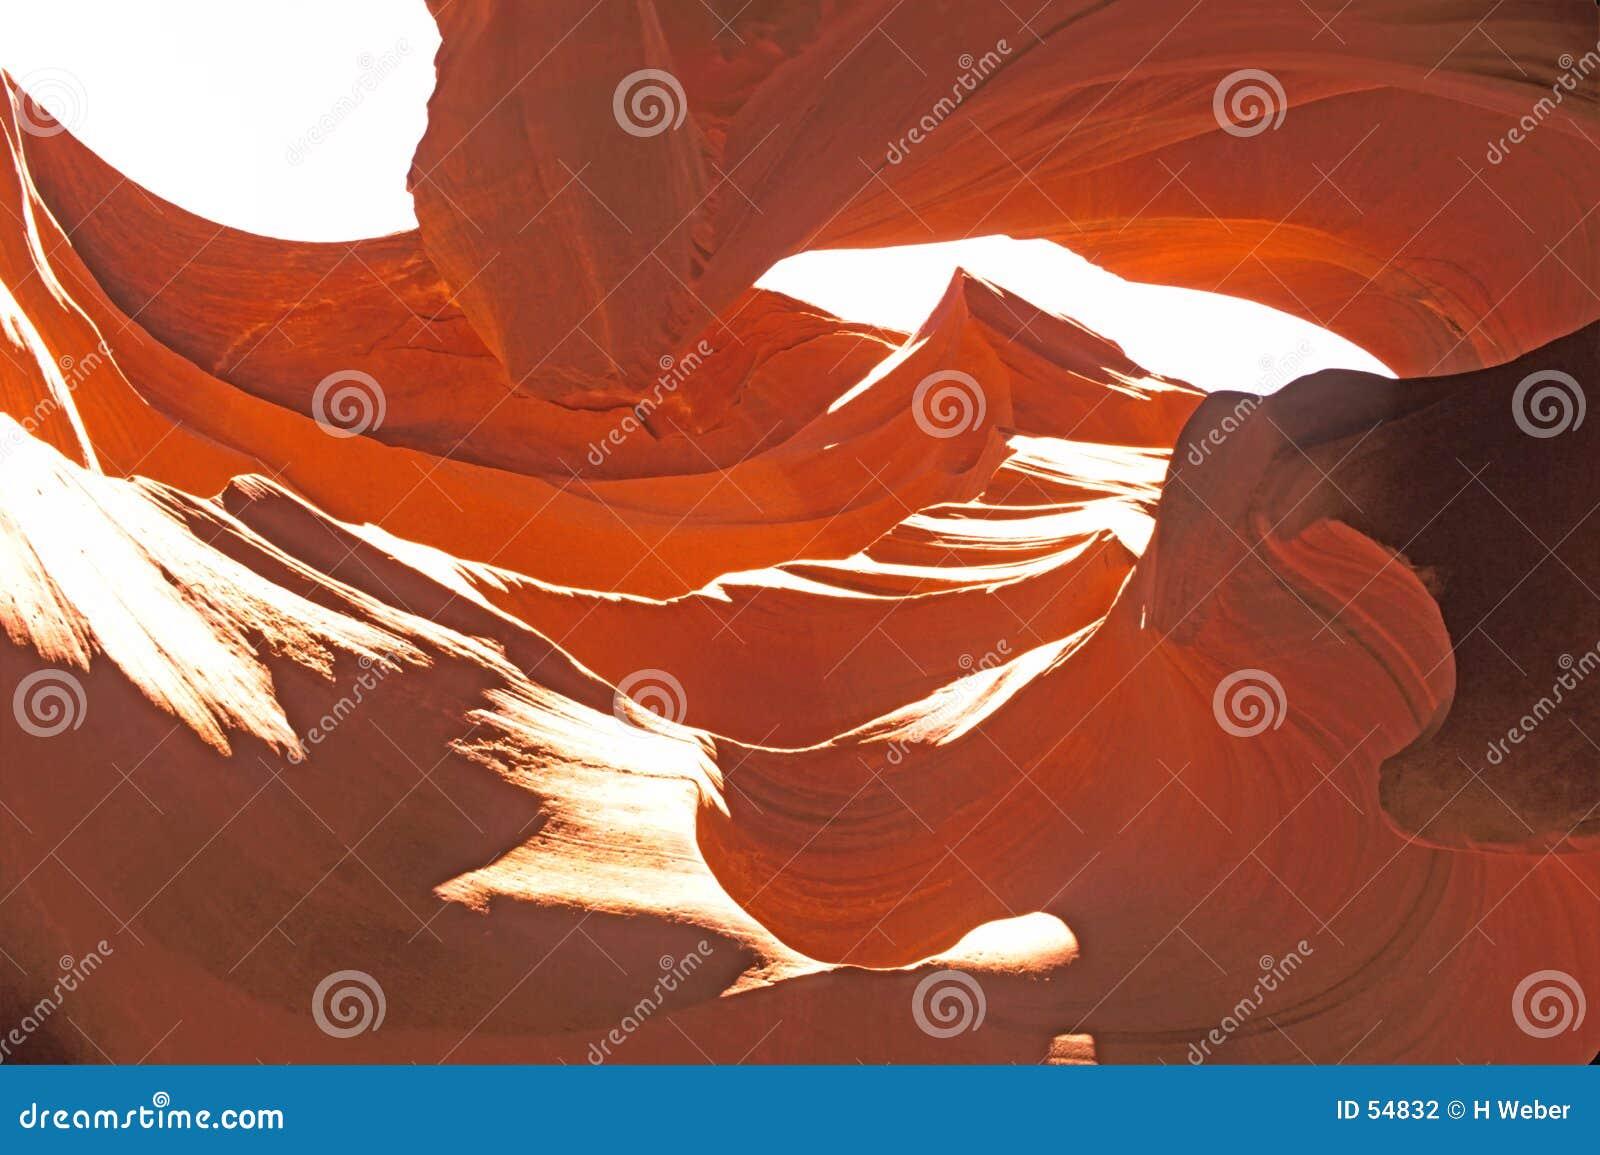 Download Gorge de fente photo stock. Image du formation, grès, fortement - 54832